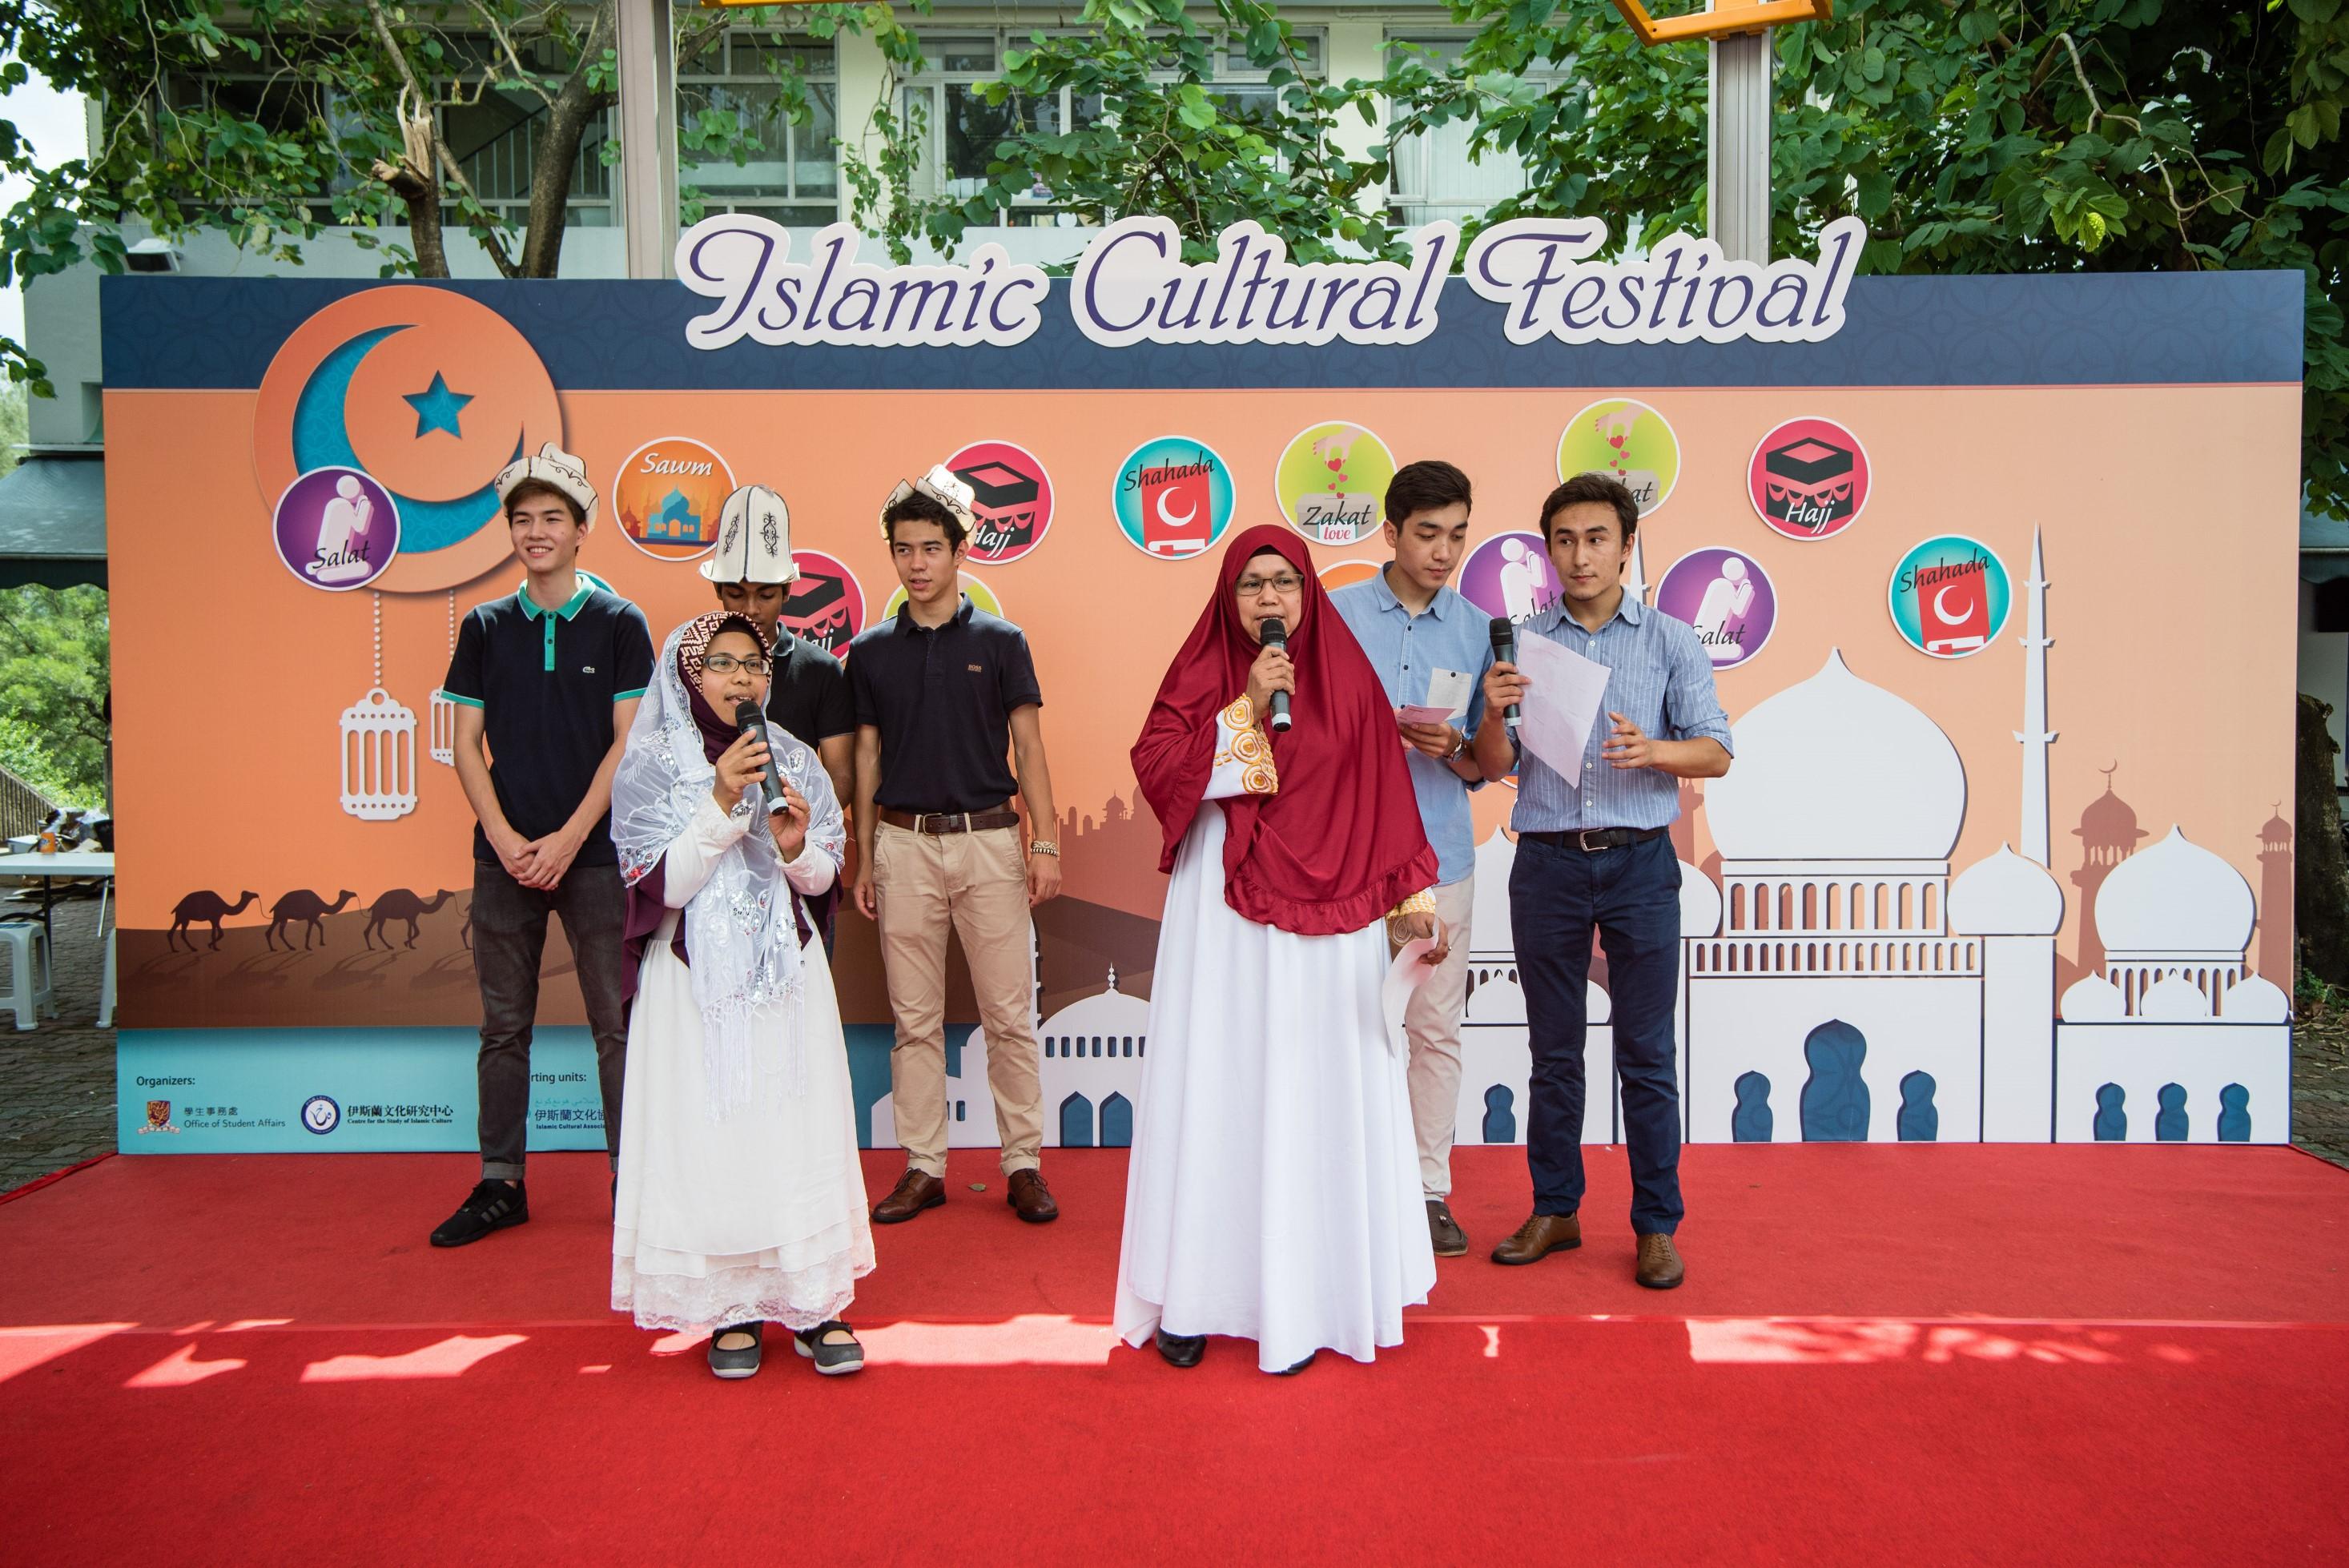 印尼妇女与中大穆斯林学生合唱圣歌